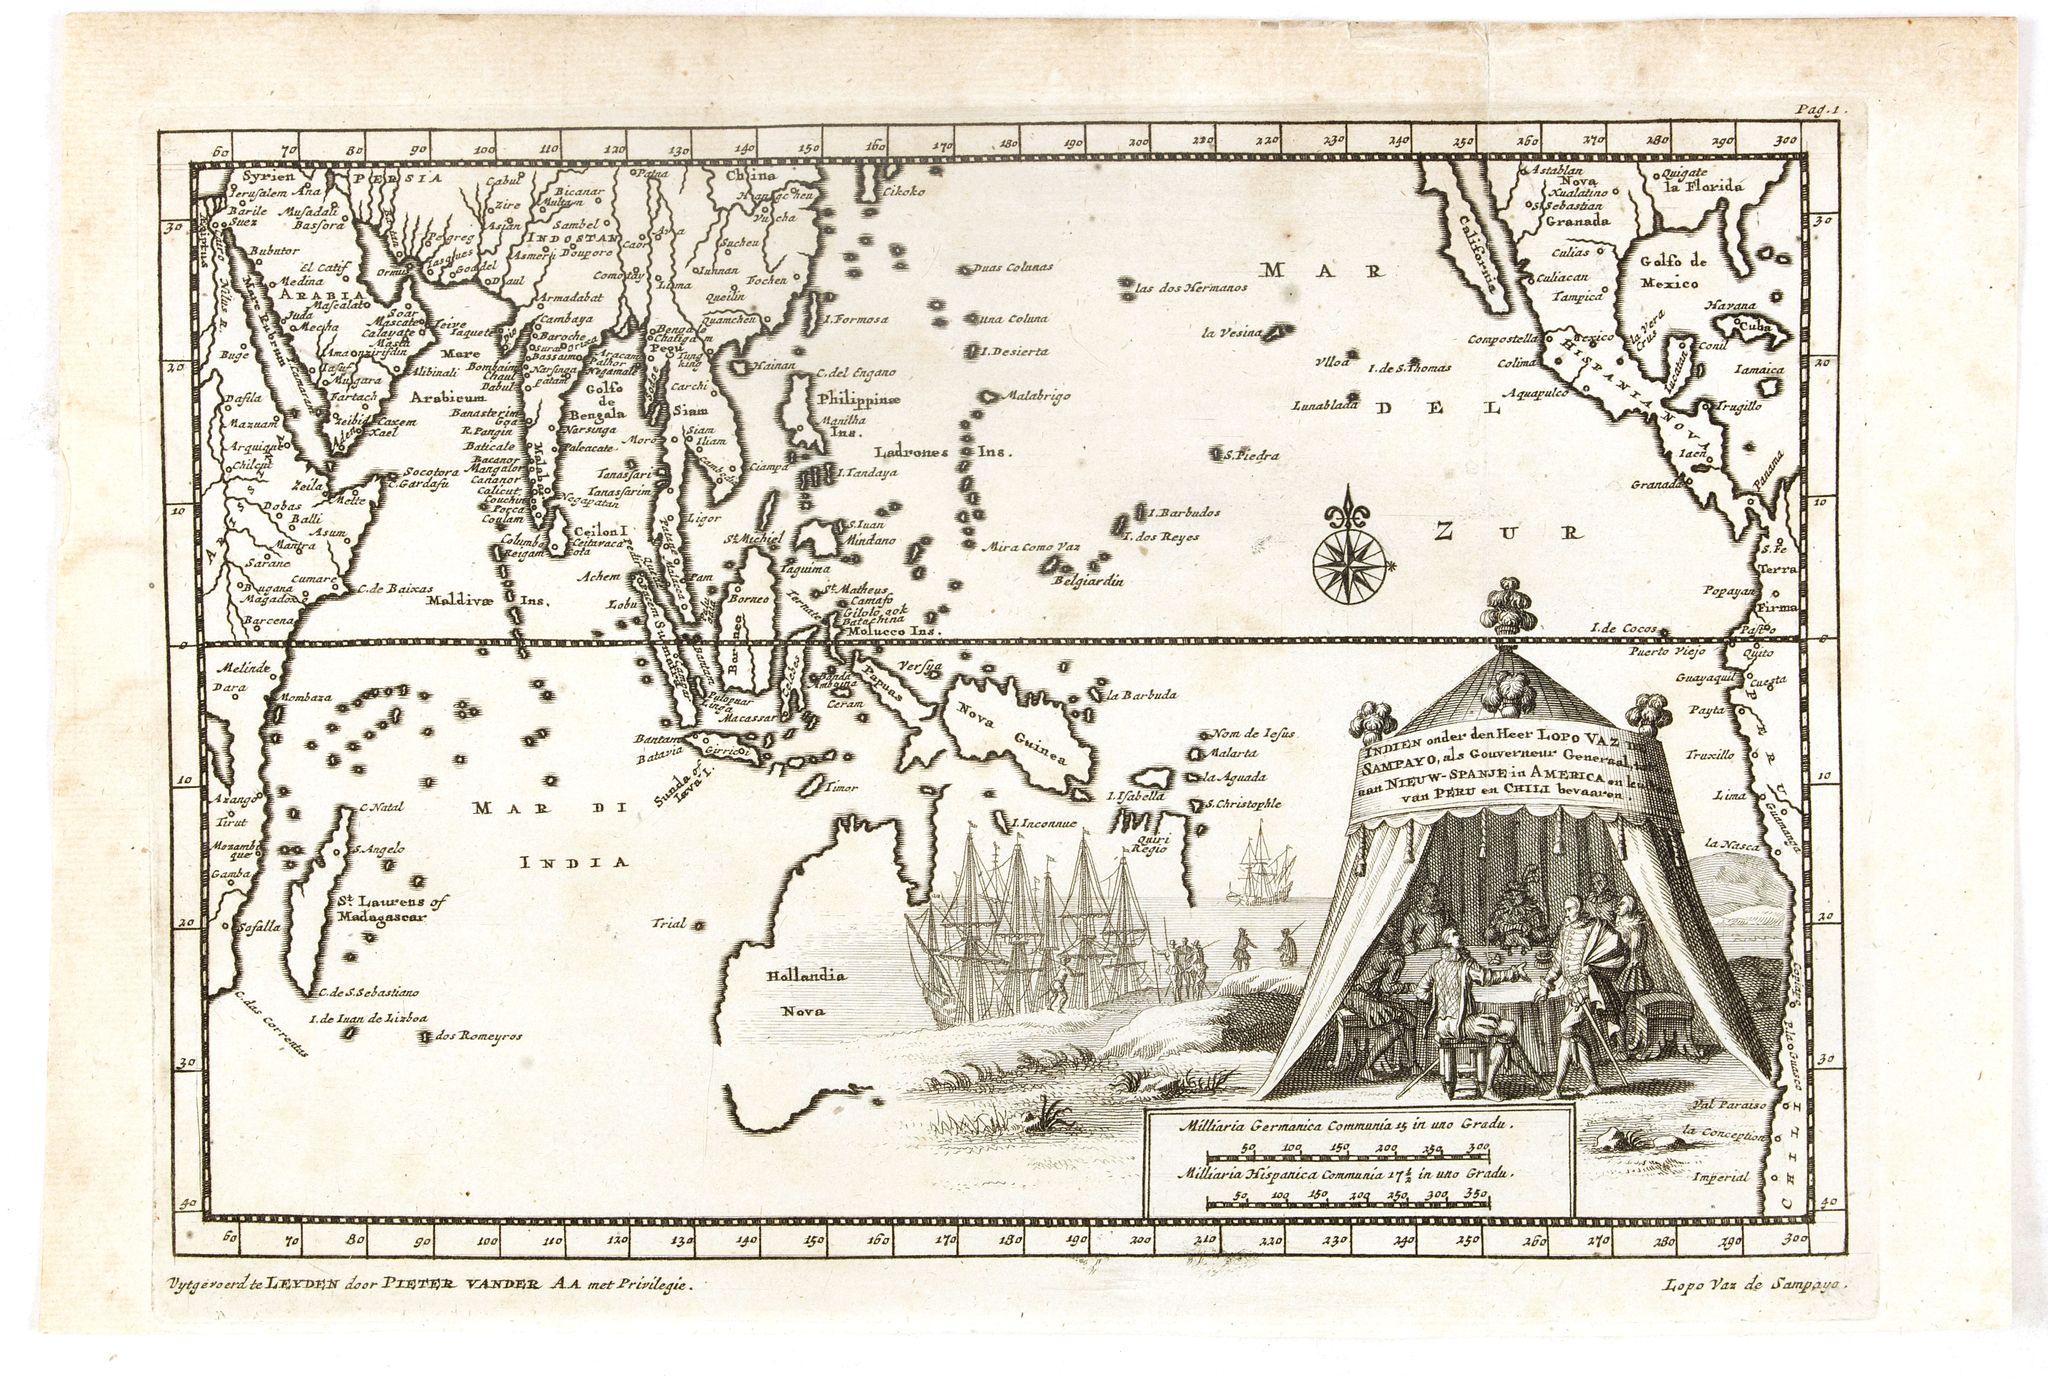 VAN DER AA, P. -  Indien onder den Heer Lopo Vaz De Sampayo, als Gouverneur Generaal tot aan Nieuw-Spanje in American on Kusten van Peru en Chili bevaaren.